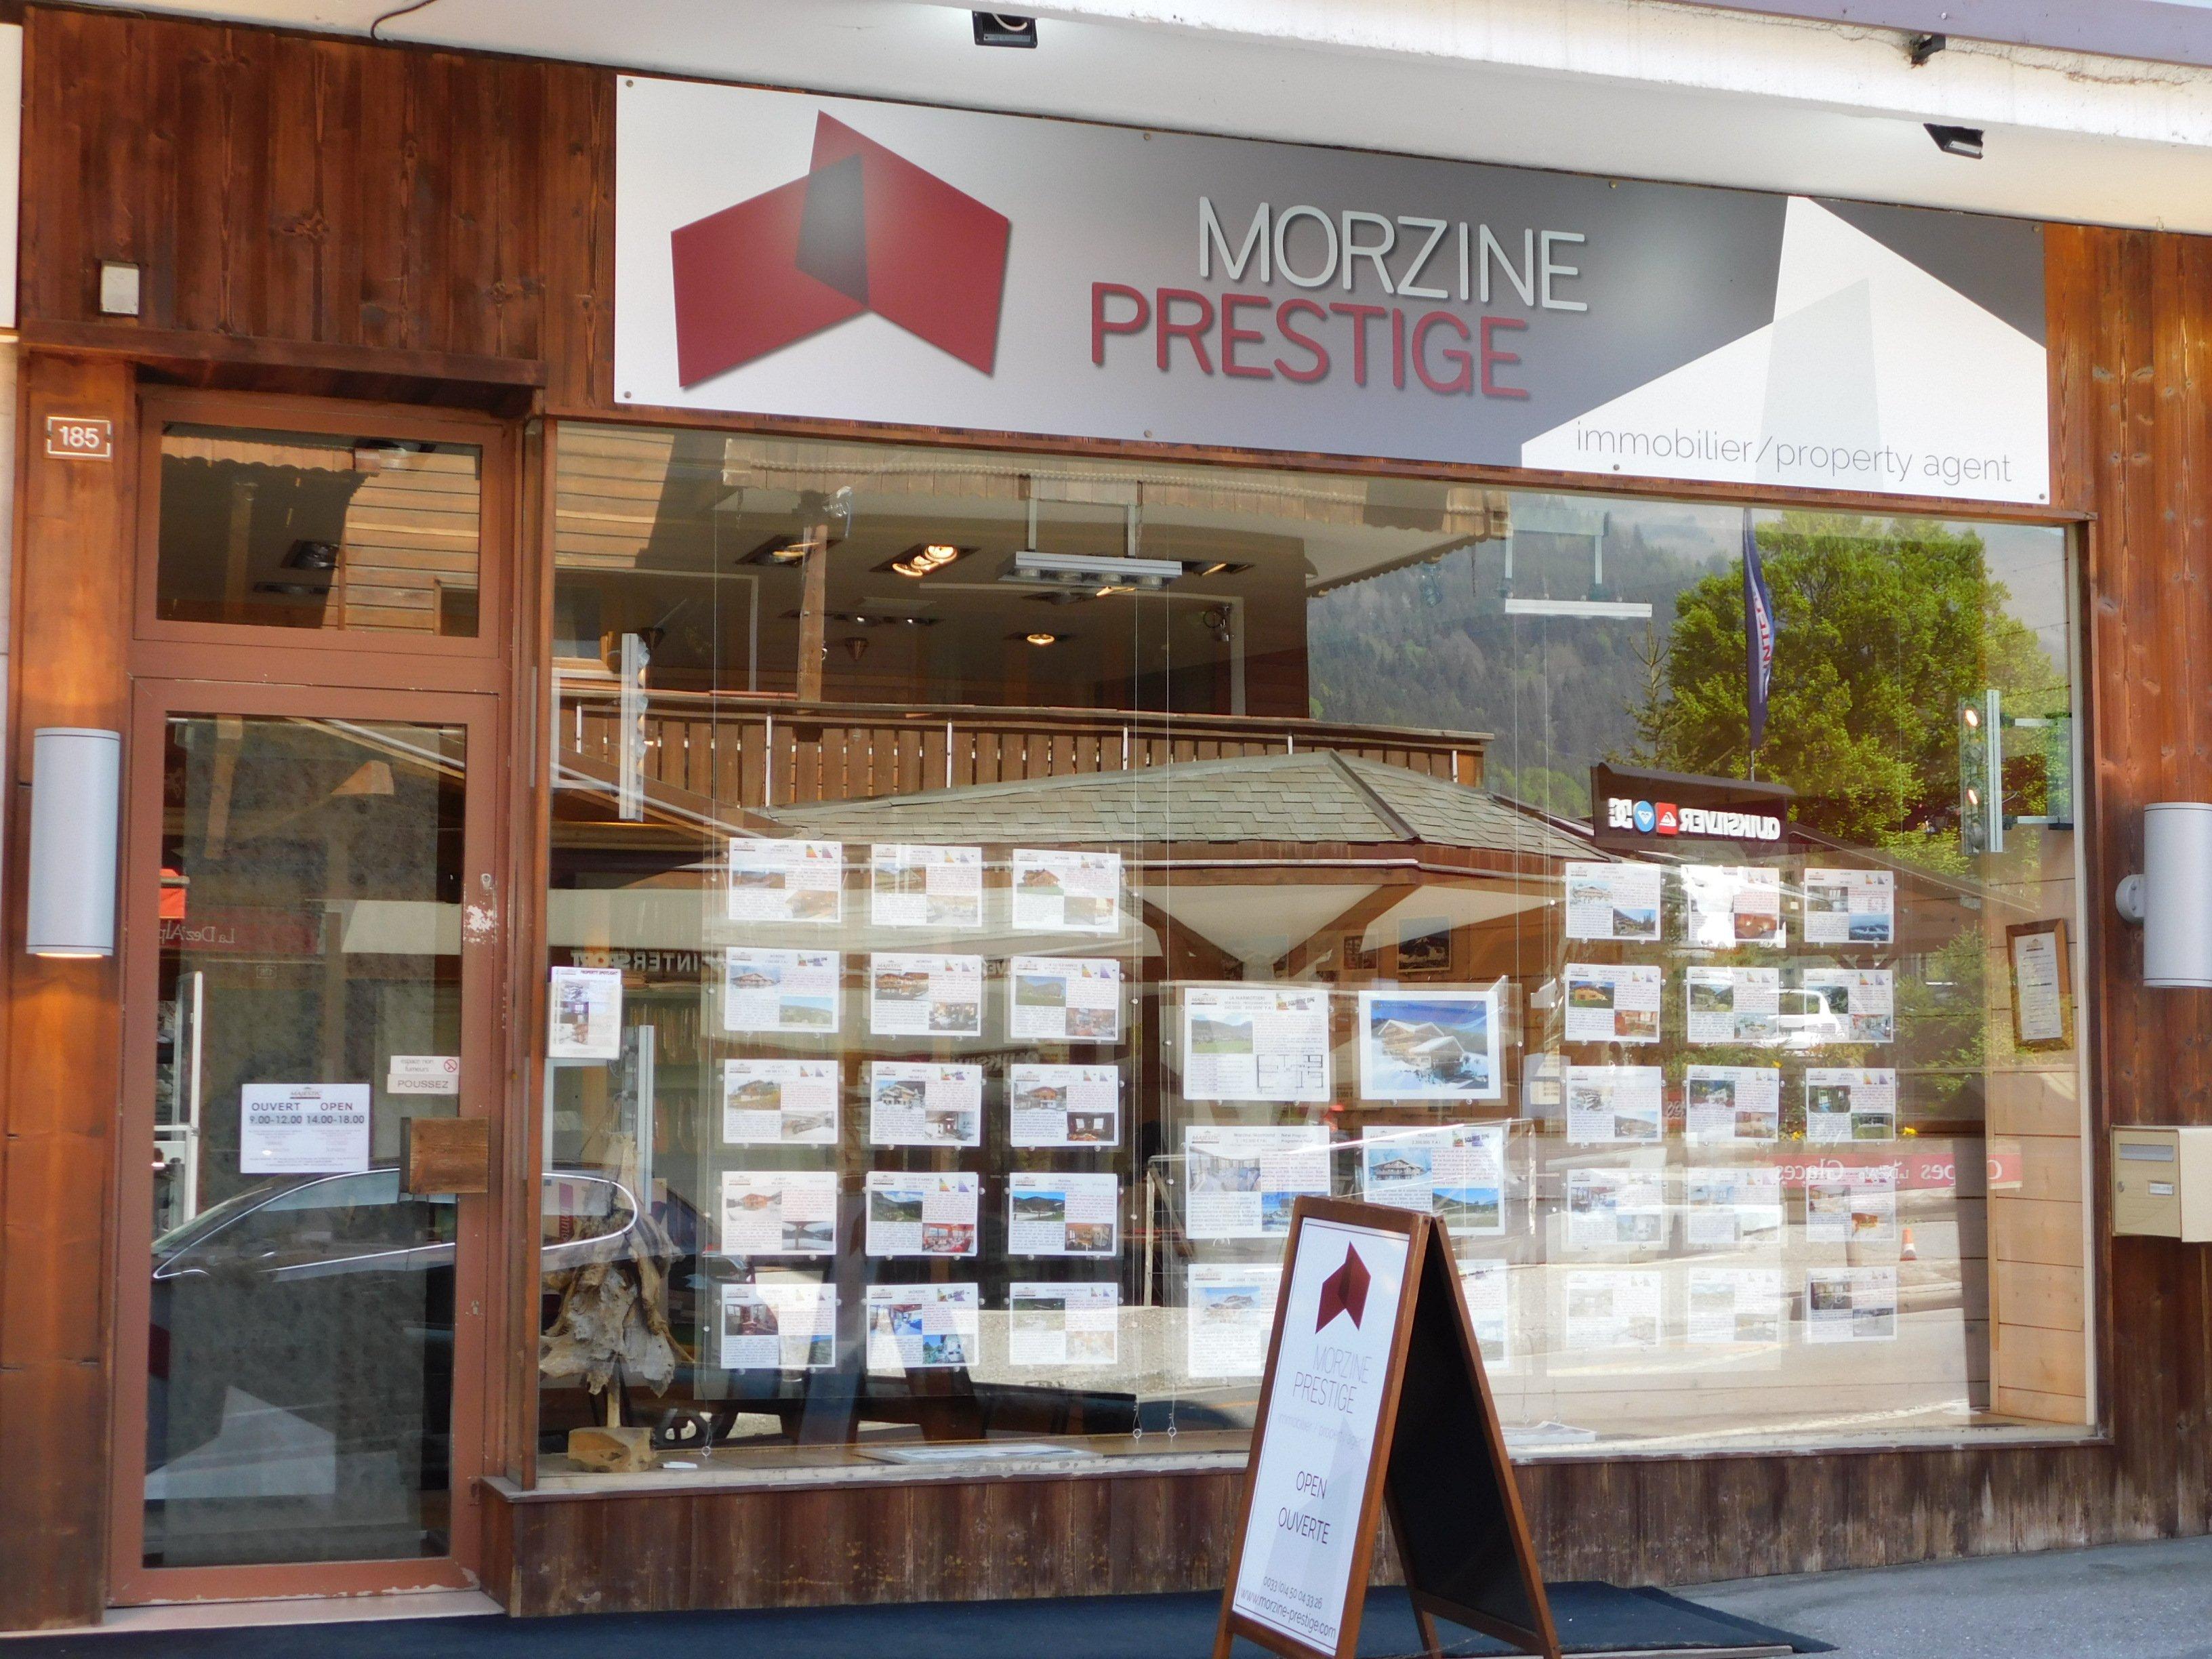 Morzine Prestige